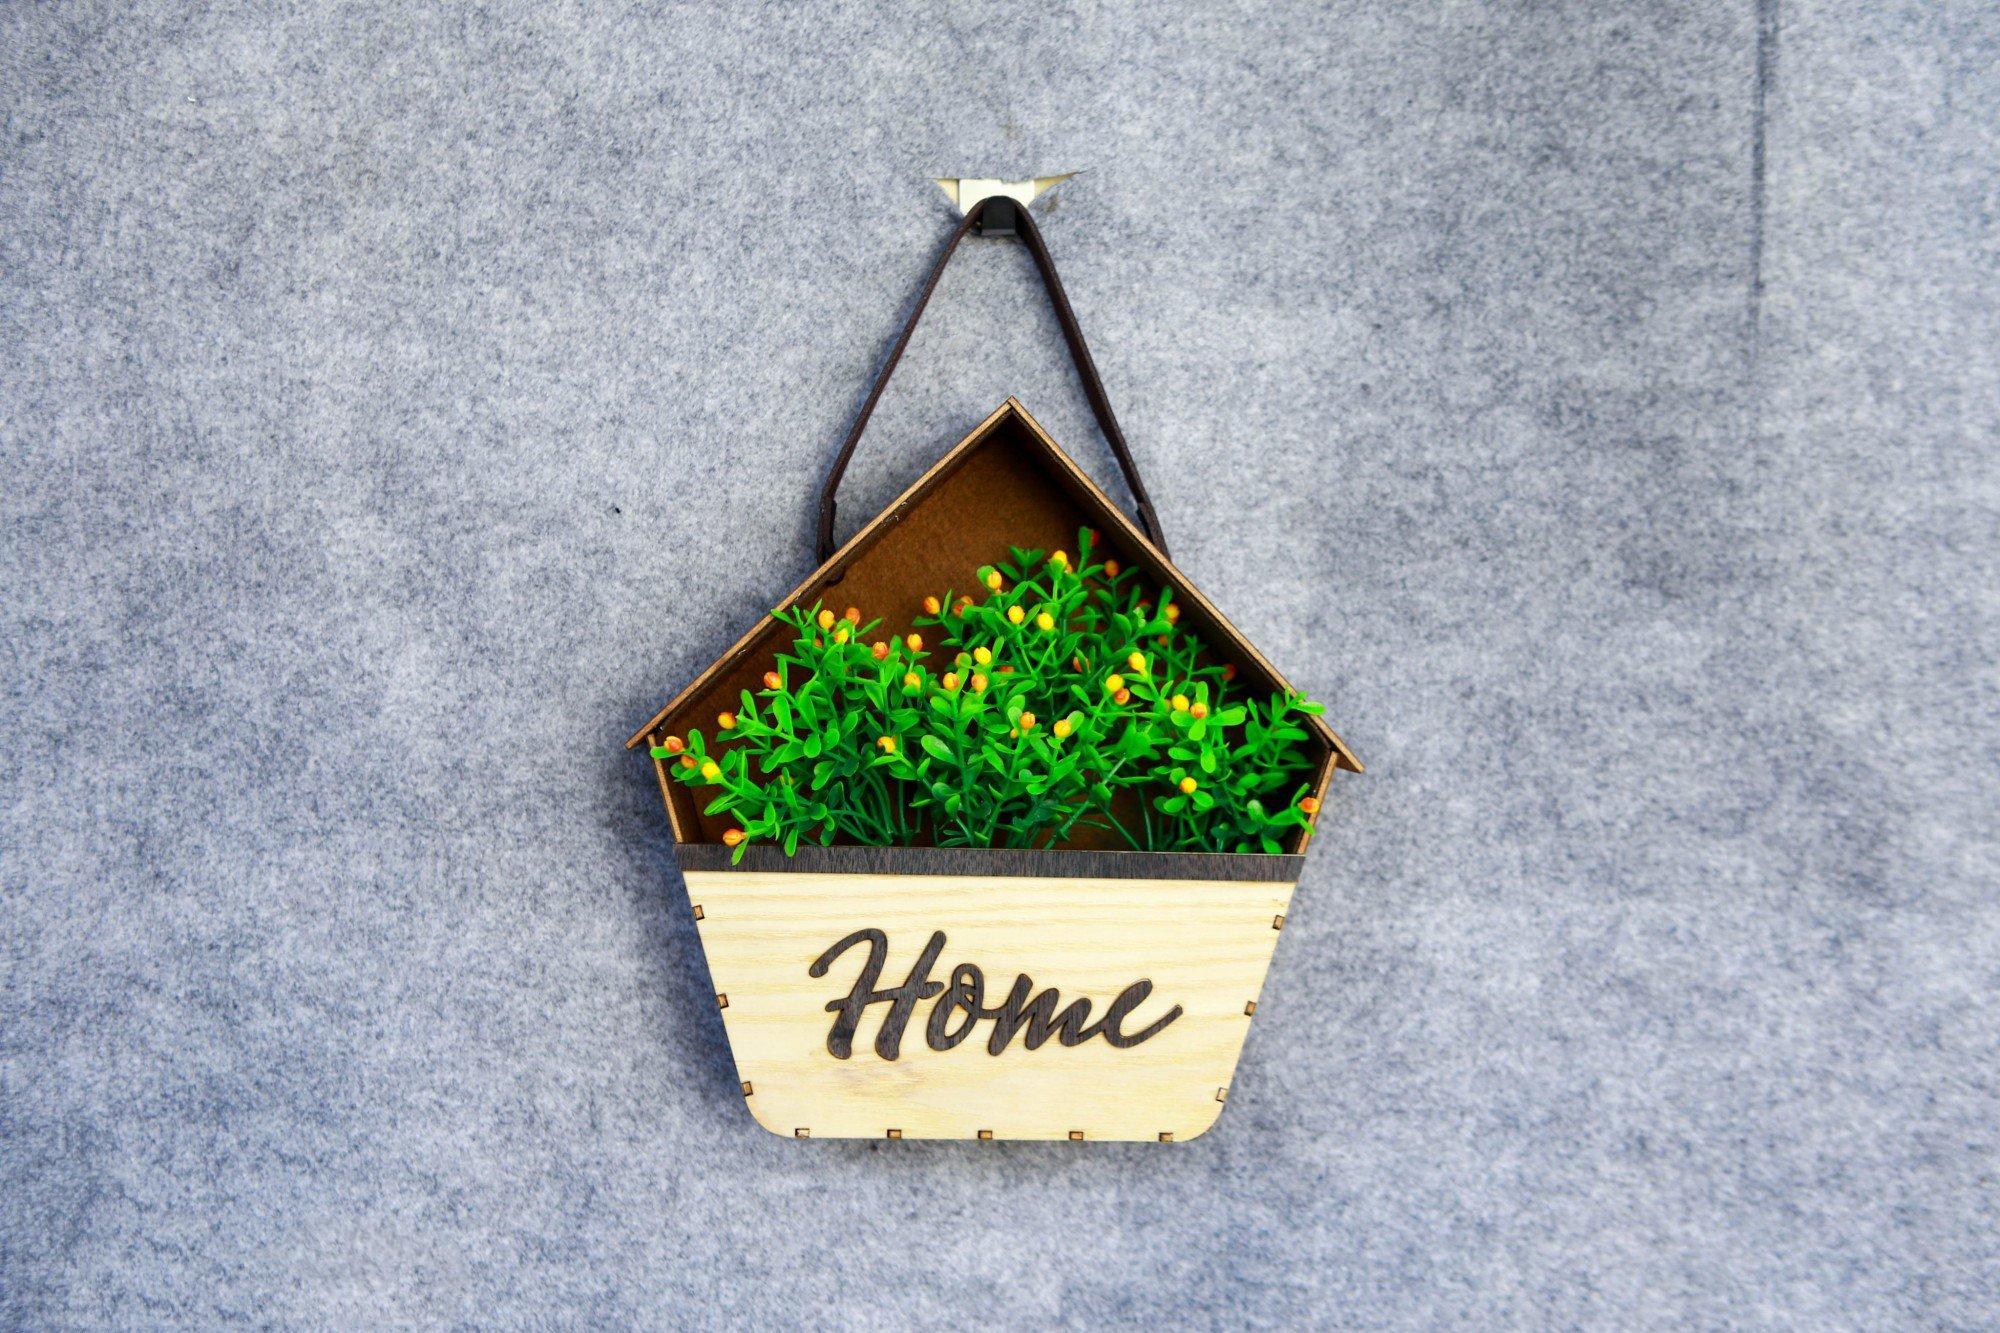 Bảng gỗ treo tường handmade Home kèm hoa mẫu 02